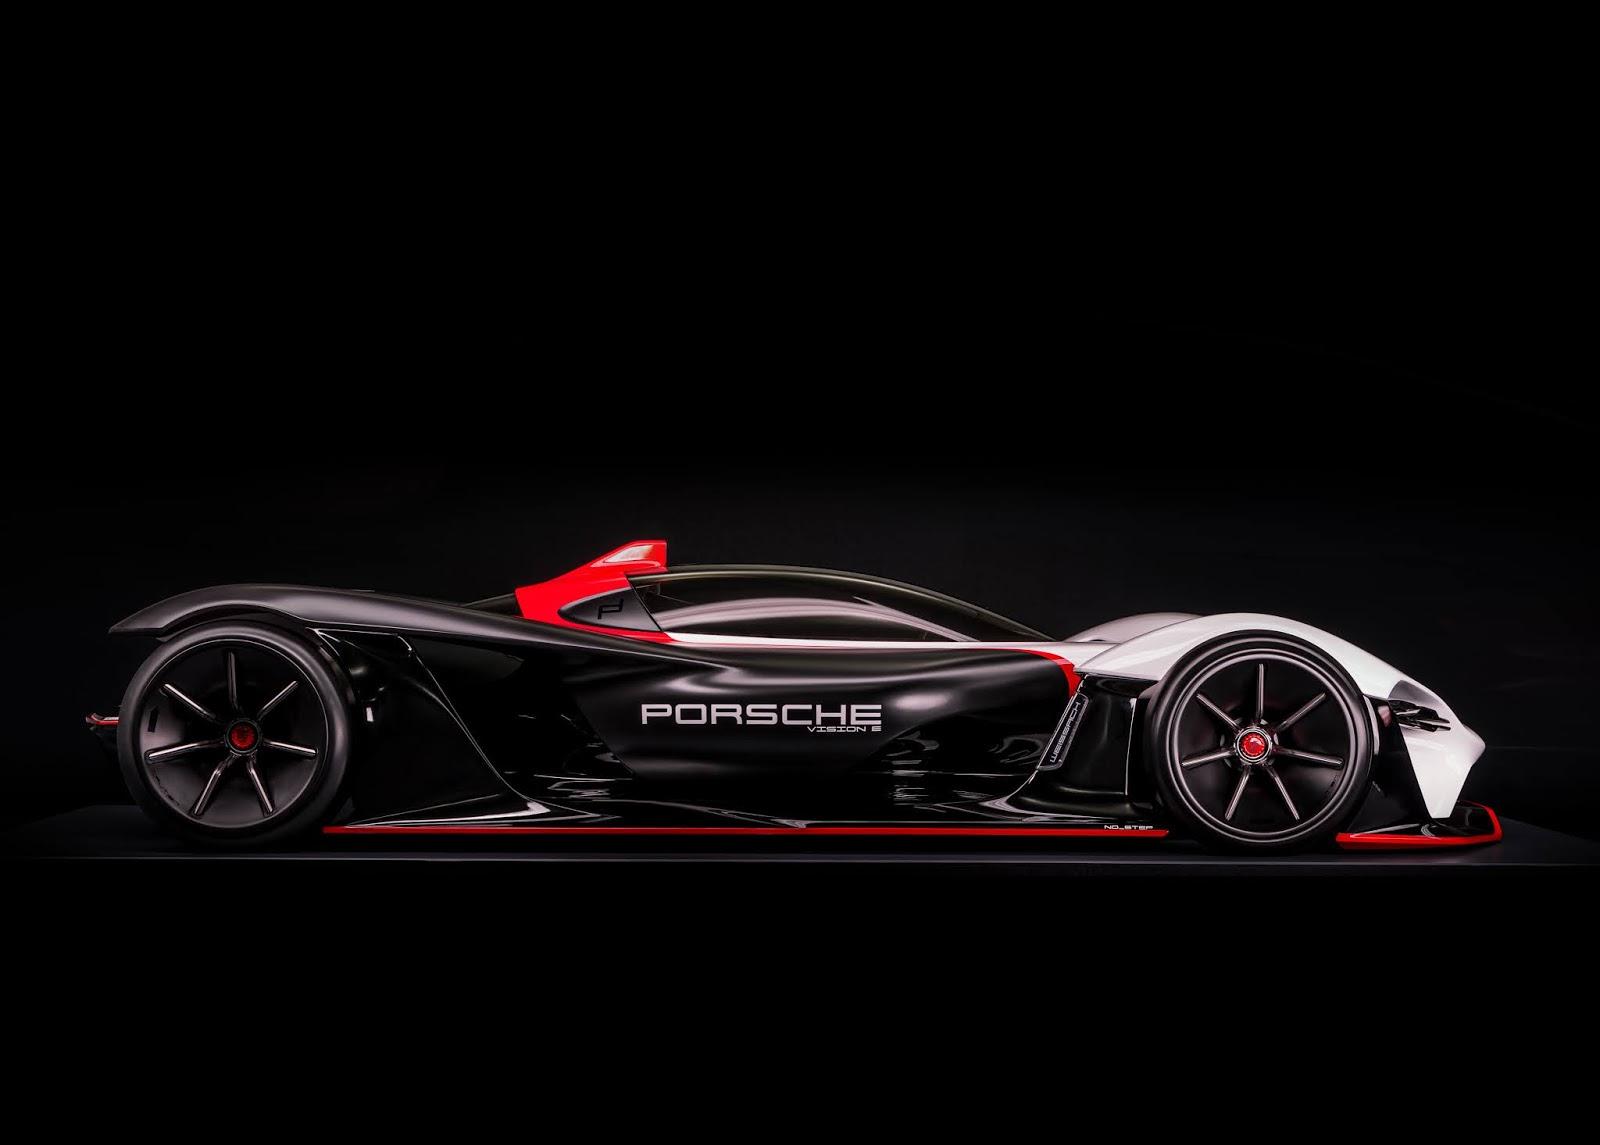 Capture0018 2 Τα άγνωστα Hypercars της Porsche hypercar, Porsche, Porsche Unseen, Sunday, supercar, supercars, zblog, ειδήσεις